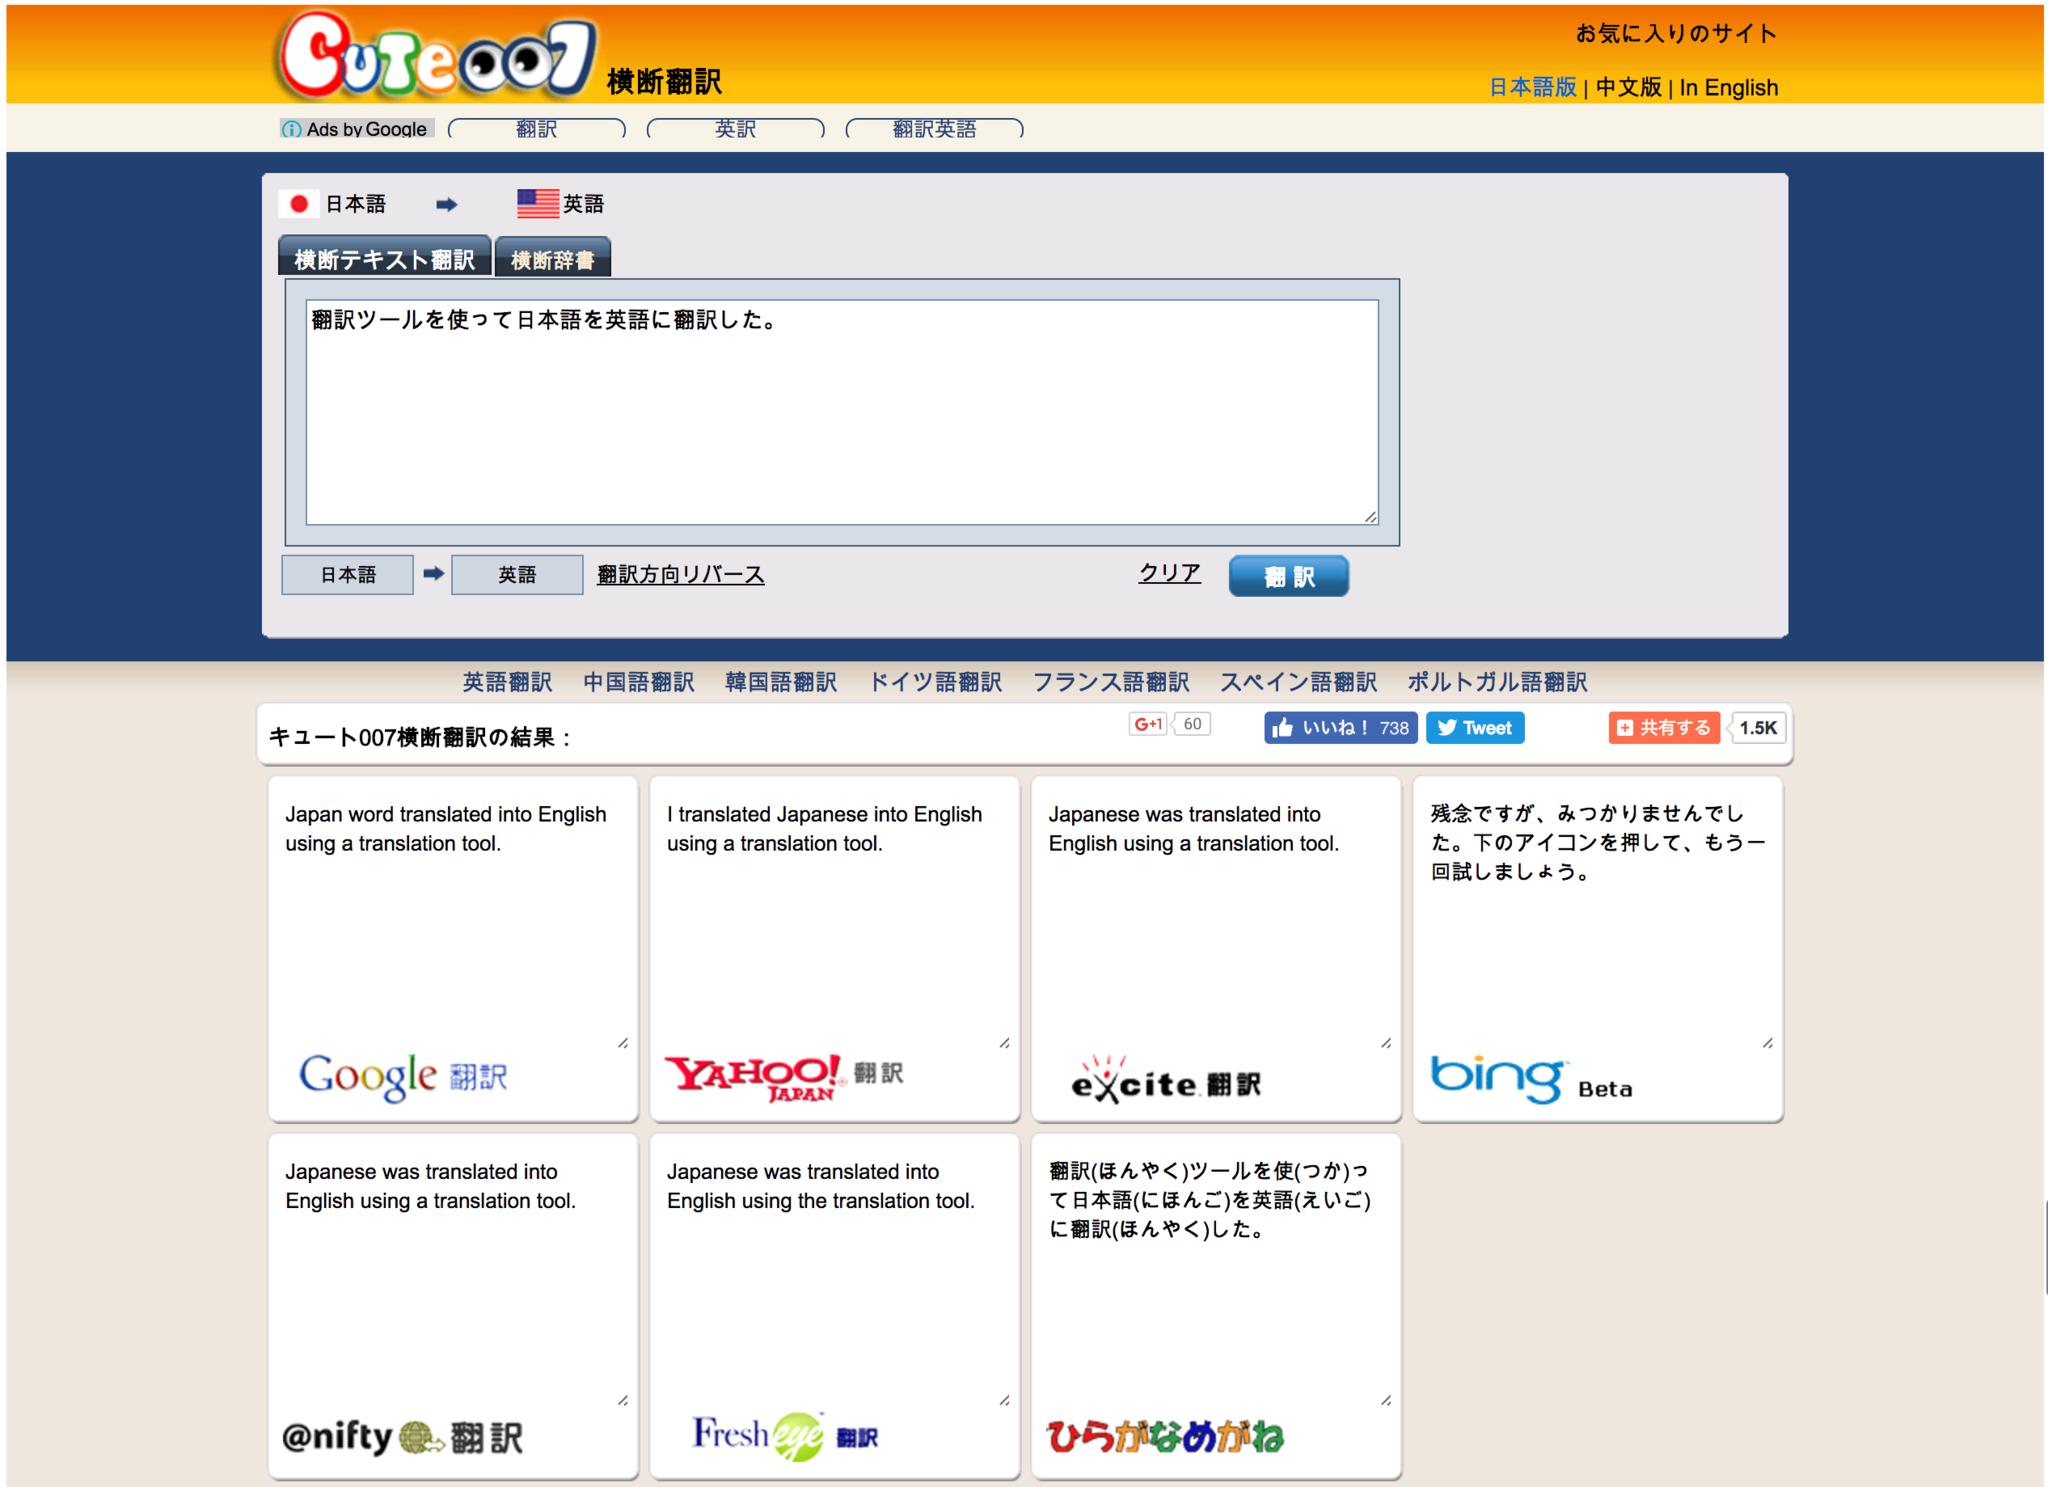 Cross_Translation_キュート007横断翻訳ツール__一流のオンライン翻訳ツール、一気に複数サイトでの翻訳が可能です。.png